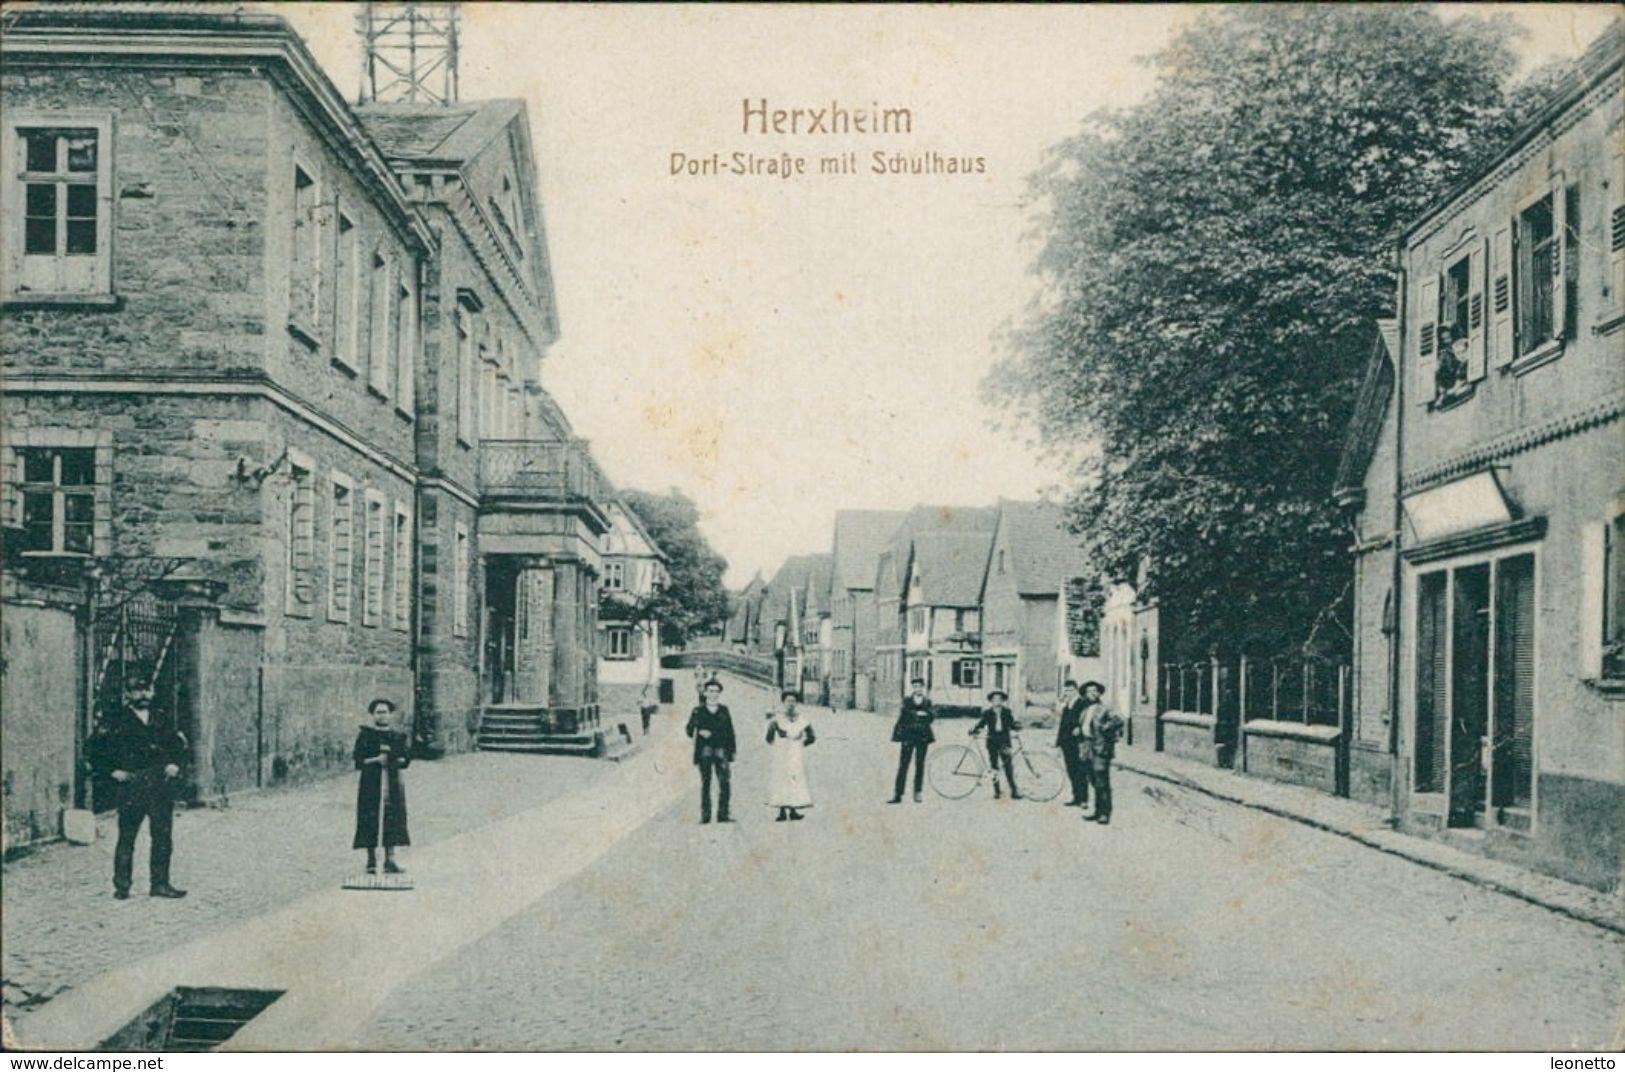 AK Herxheim, Dorf-Straße Mit Schulhaus, O 1919 (17349) - Altri